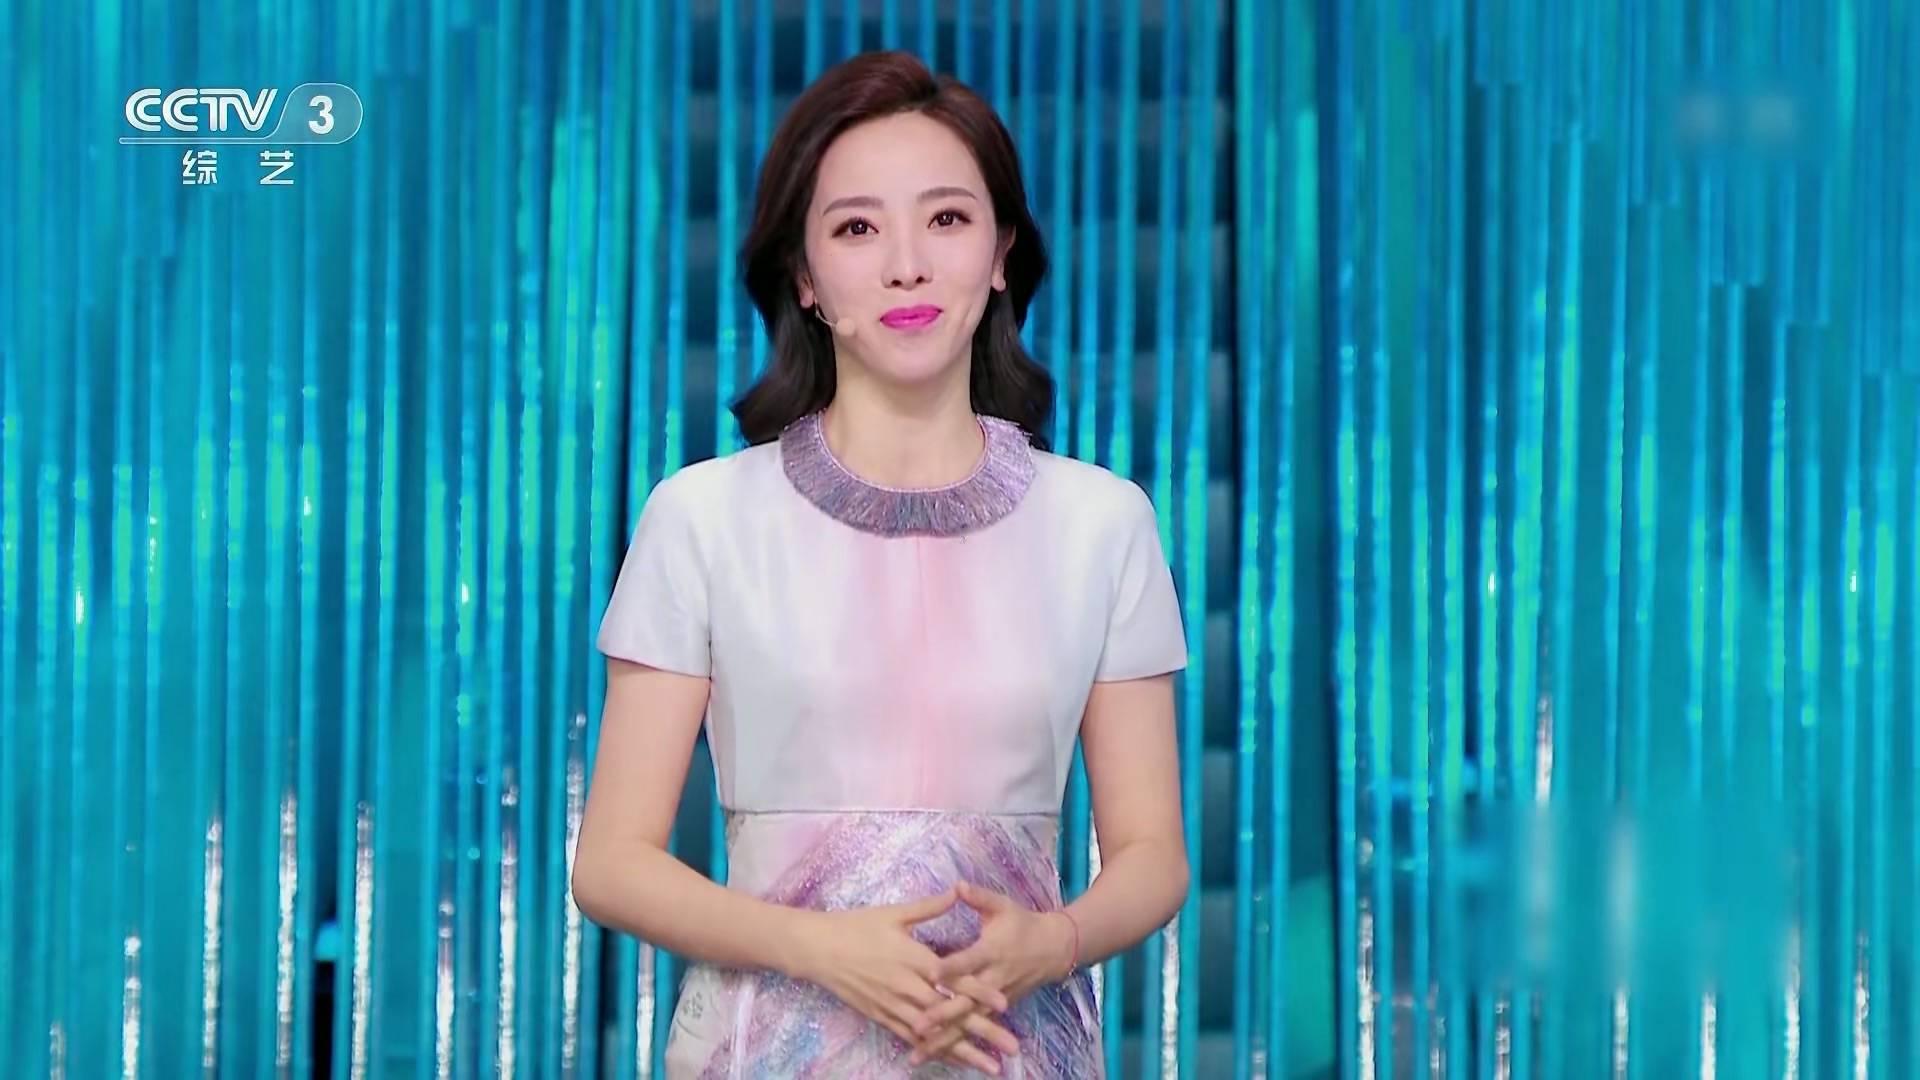 央视又出神仙综艺了!《衣尚中国》演绎绝美中国传统服饰,靓呆啦-聚趣客娱乐网